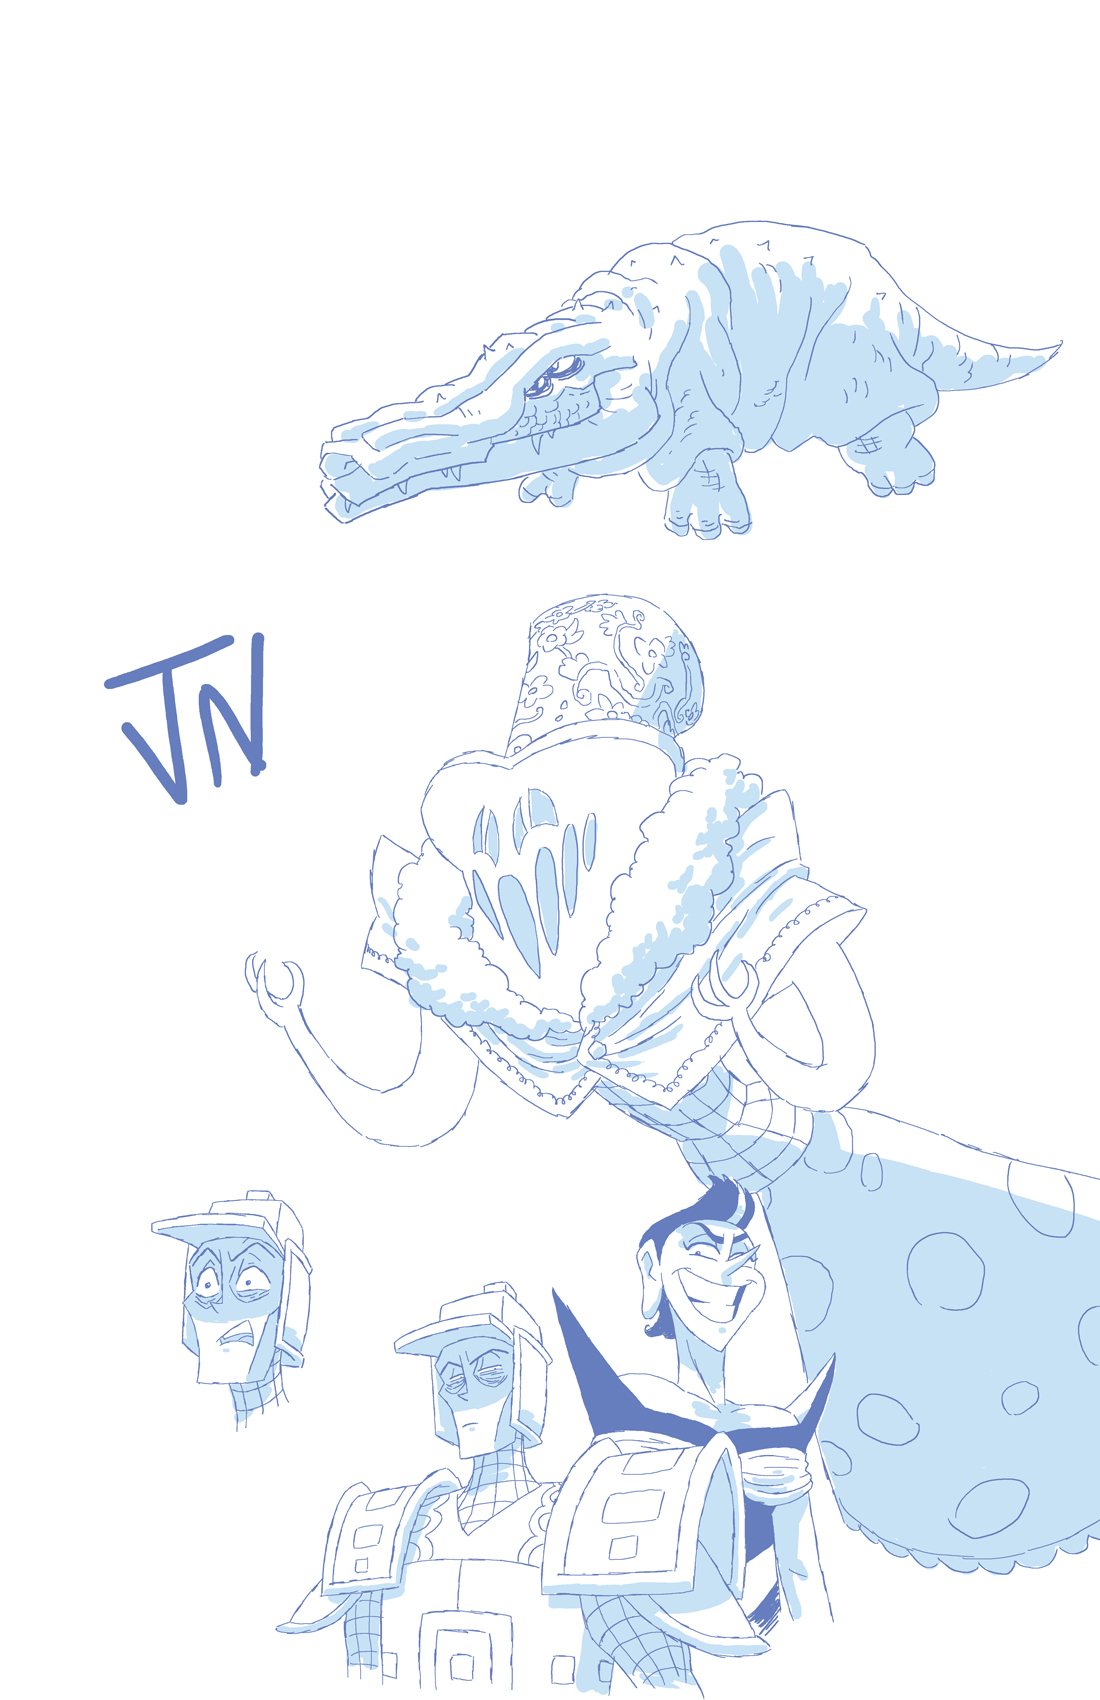 Patreon Sketch 6